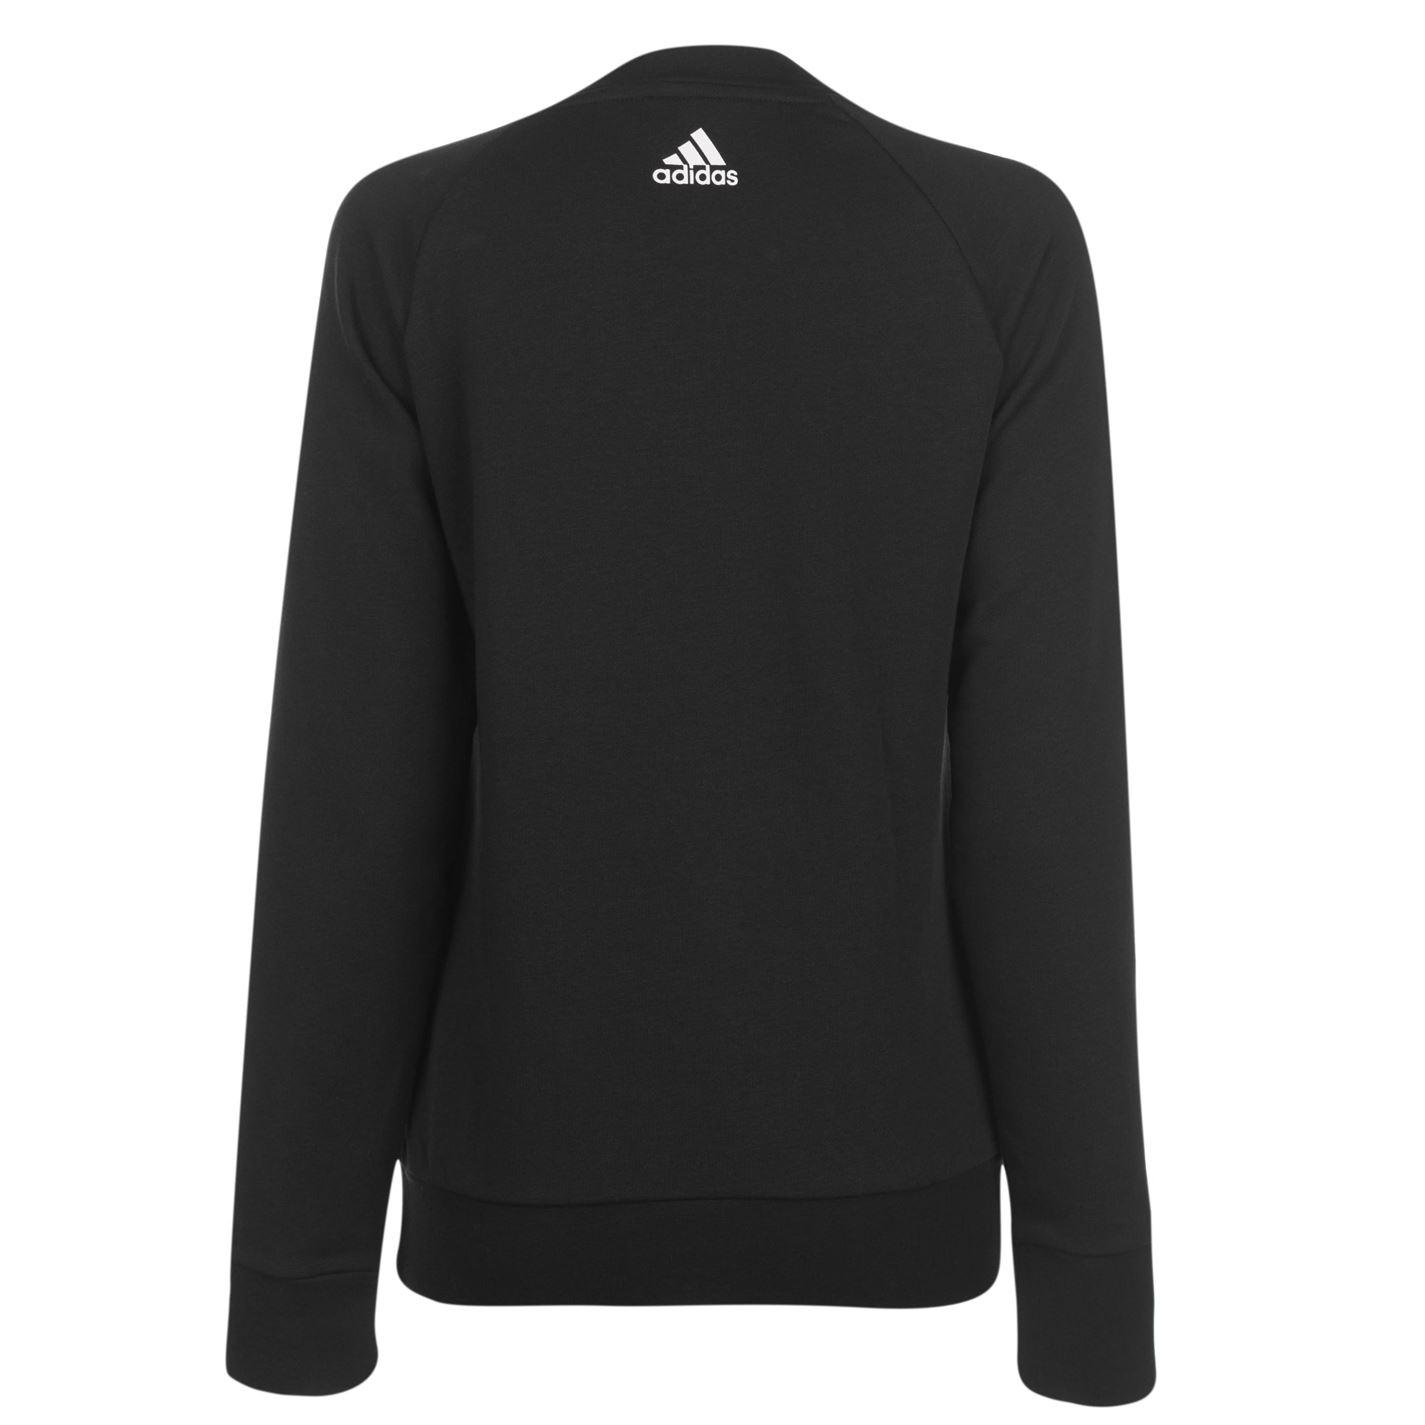 ADIDAS Da Donna Girocollo Felpa Maglione T Shirt Top Maglione Pullover Lungo | eBay